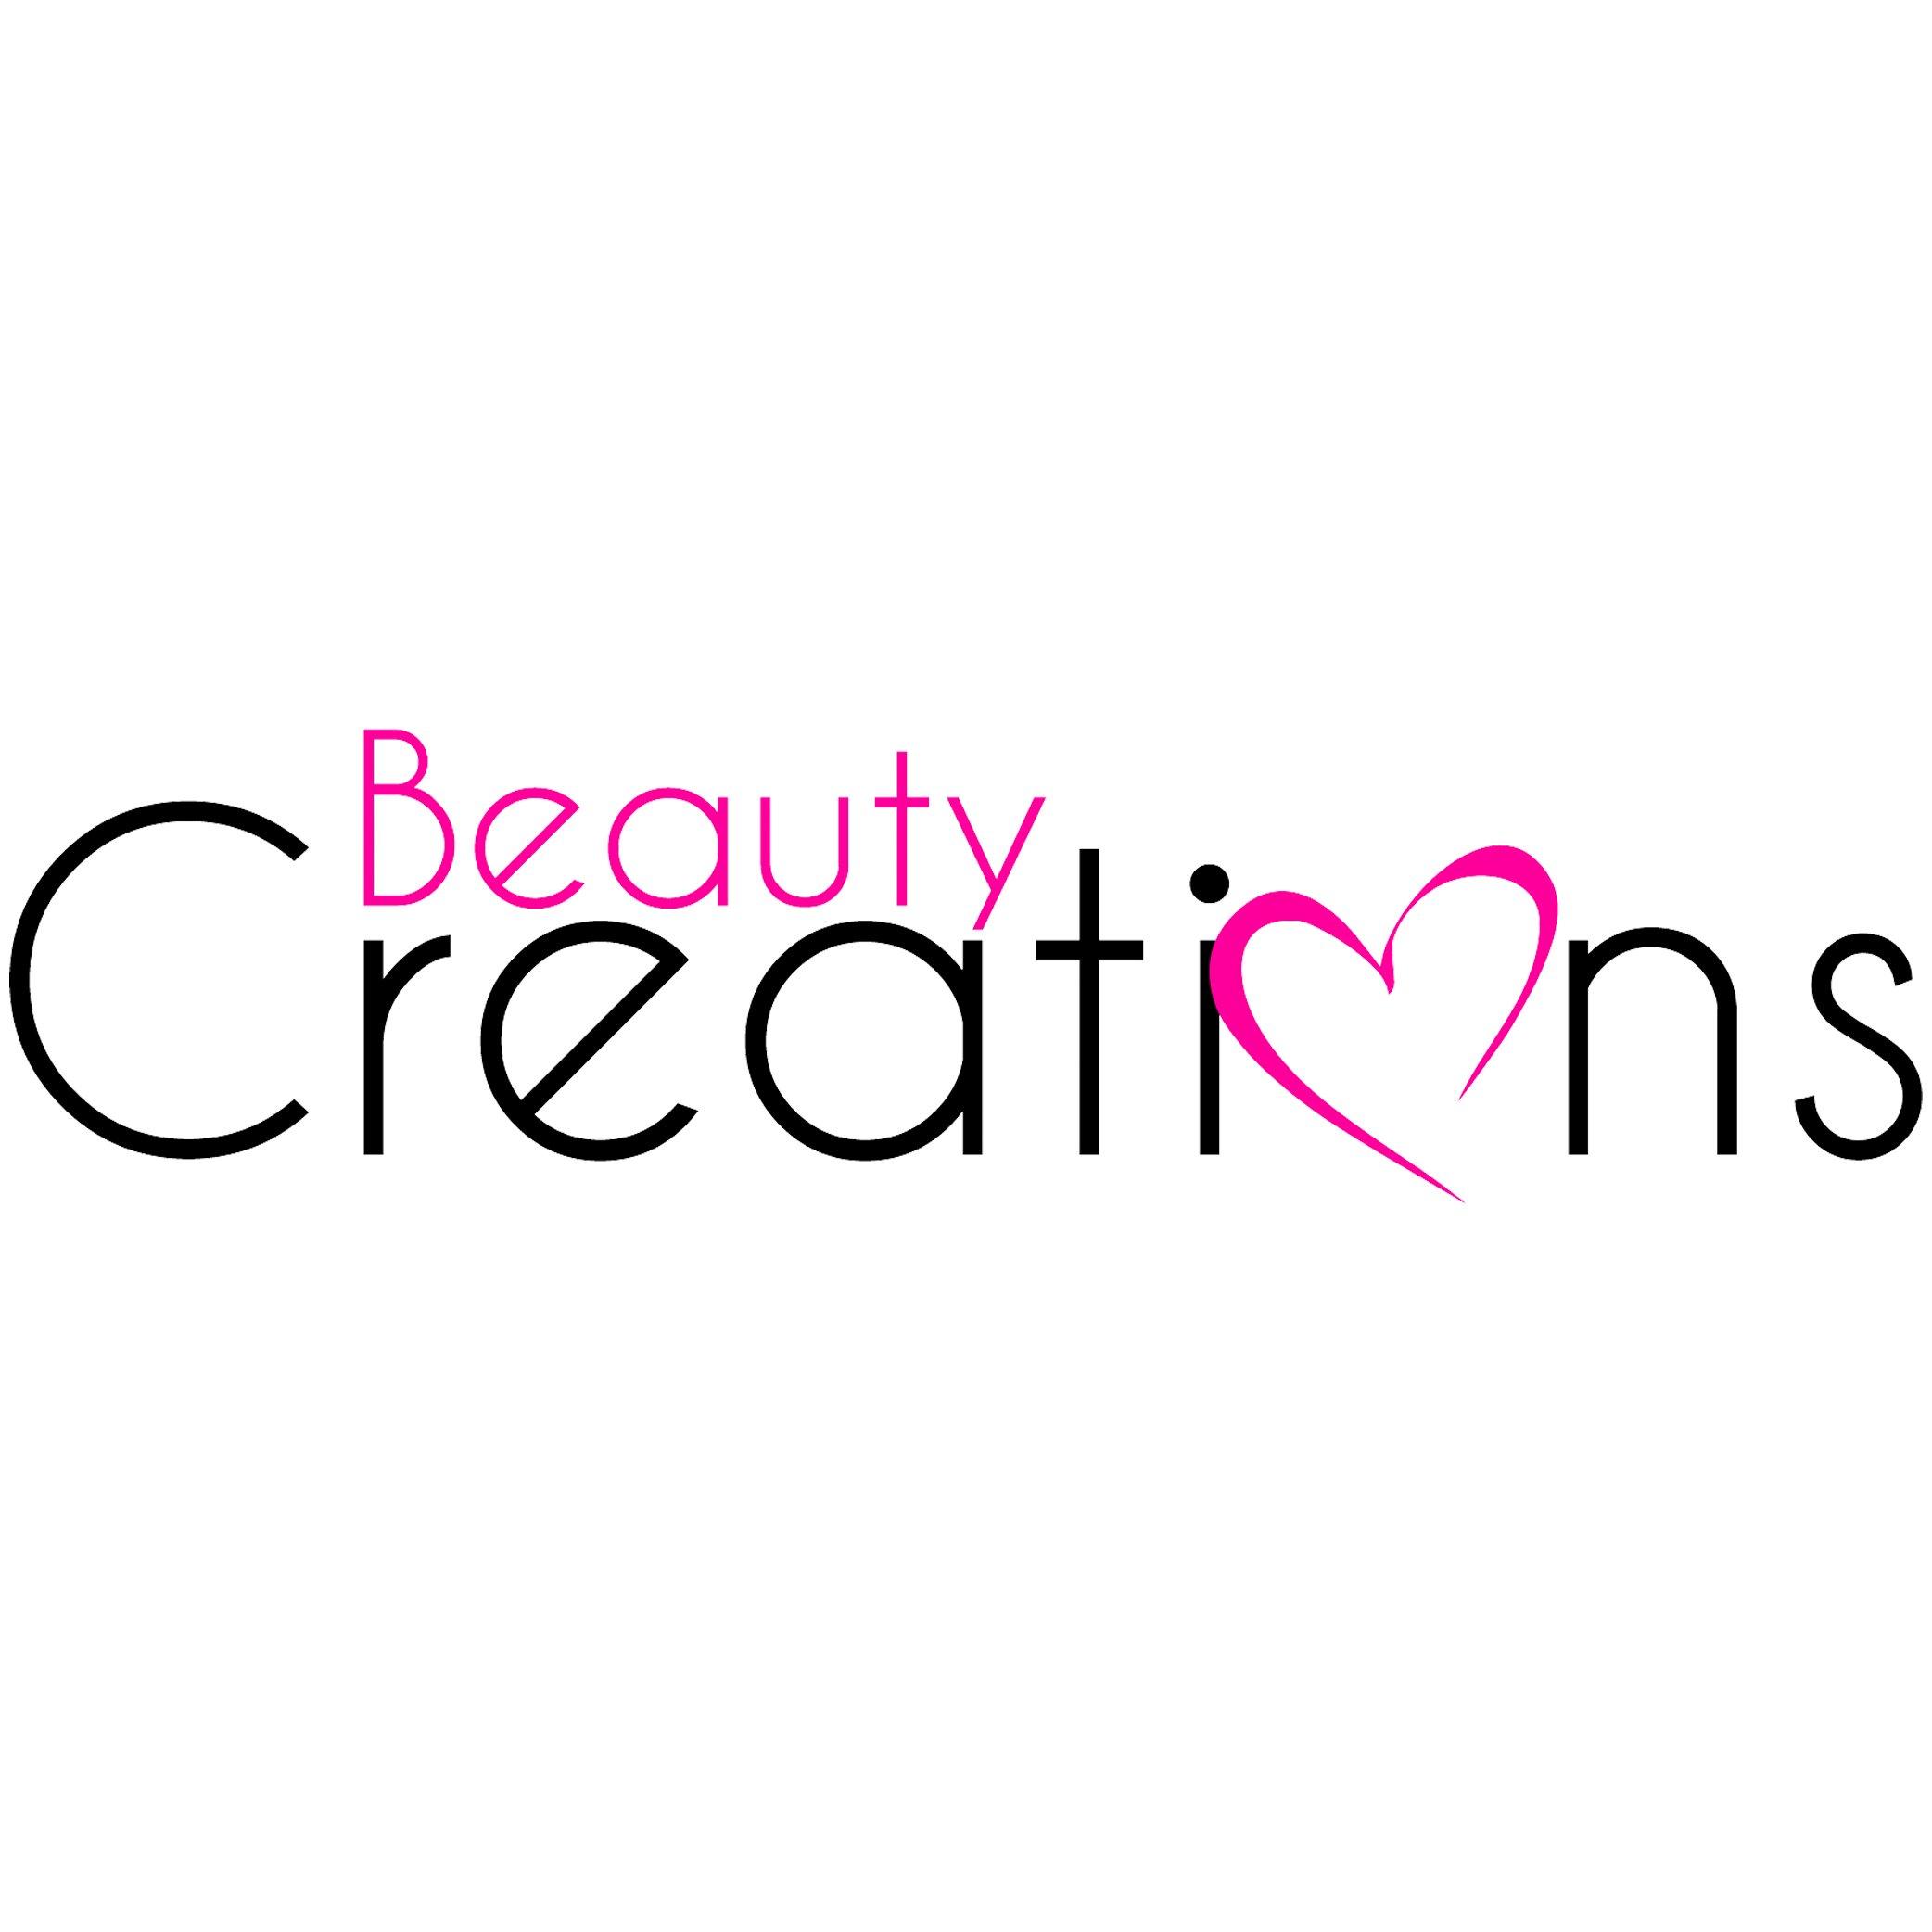 Beauty Creation's logo